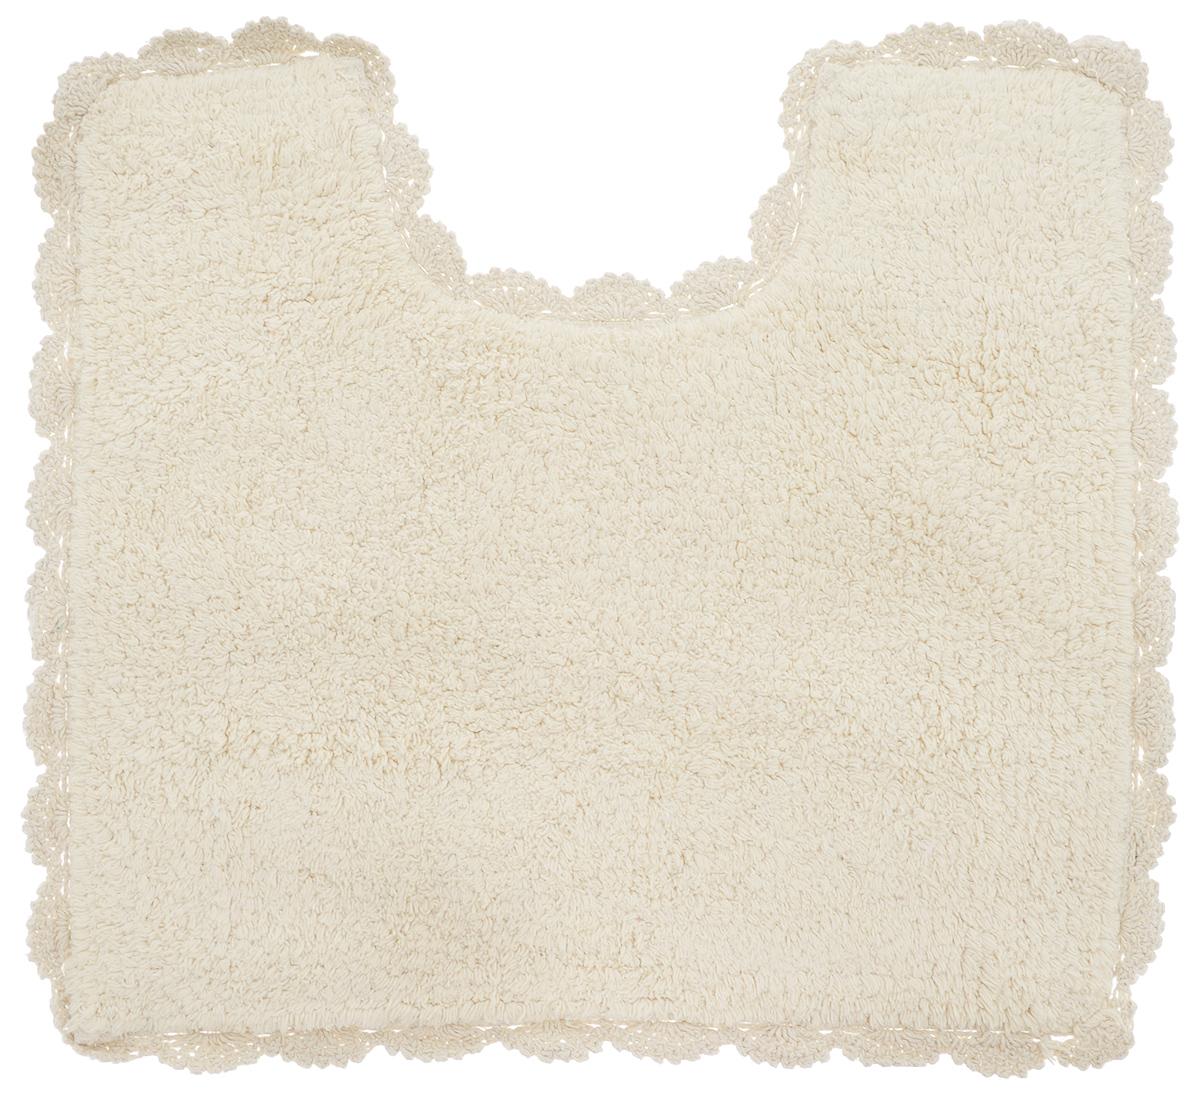 Коврик для туалета Arloni Лейс, цвет: бежевый, 50 х 50 см1213.1Коврик Arloni Лейс изготовлен из экологическичистого материала - натурального хлопка.Оформлен невероятно красивым кружевом. Коврикмягкий и приятный на ощупь. Отличается высокойизносоустойчивостью, хорошо впитывает влагу, нетеряет своих свойств после многократных стирок. Коврик Arloni Лейс гармонично впишется винтерьер вашего дома и создаст атмосферу уюта икомфорта.Изделие отличается высоким качеством пошива истильным дизайном, а материал прекраснопереносит большое количество стирок. Легкостирается в стиральной машине или вручную.